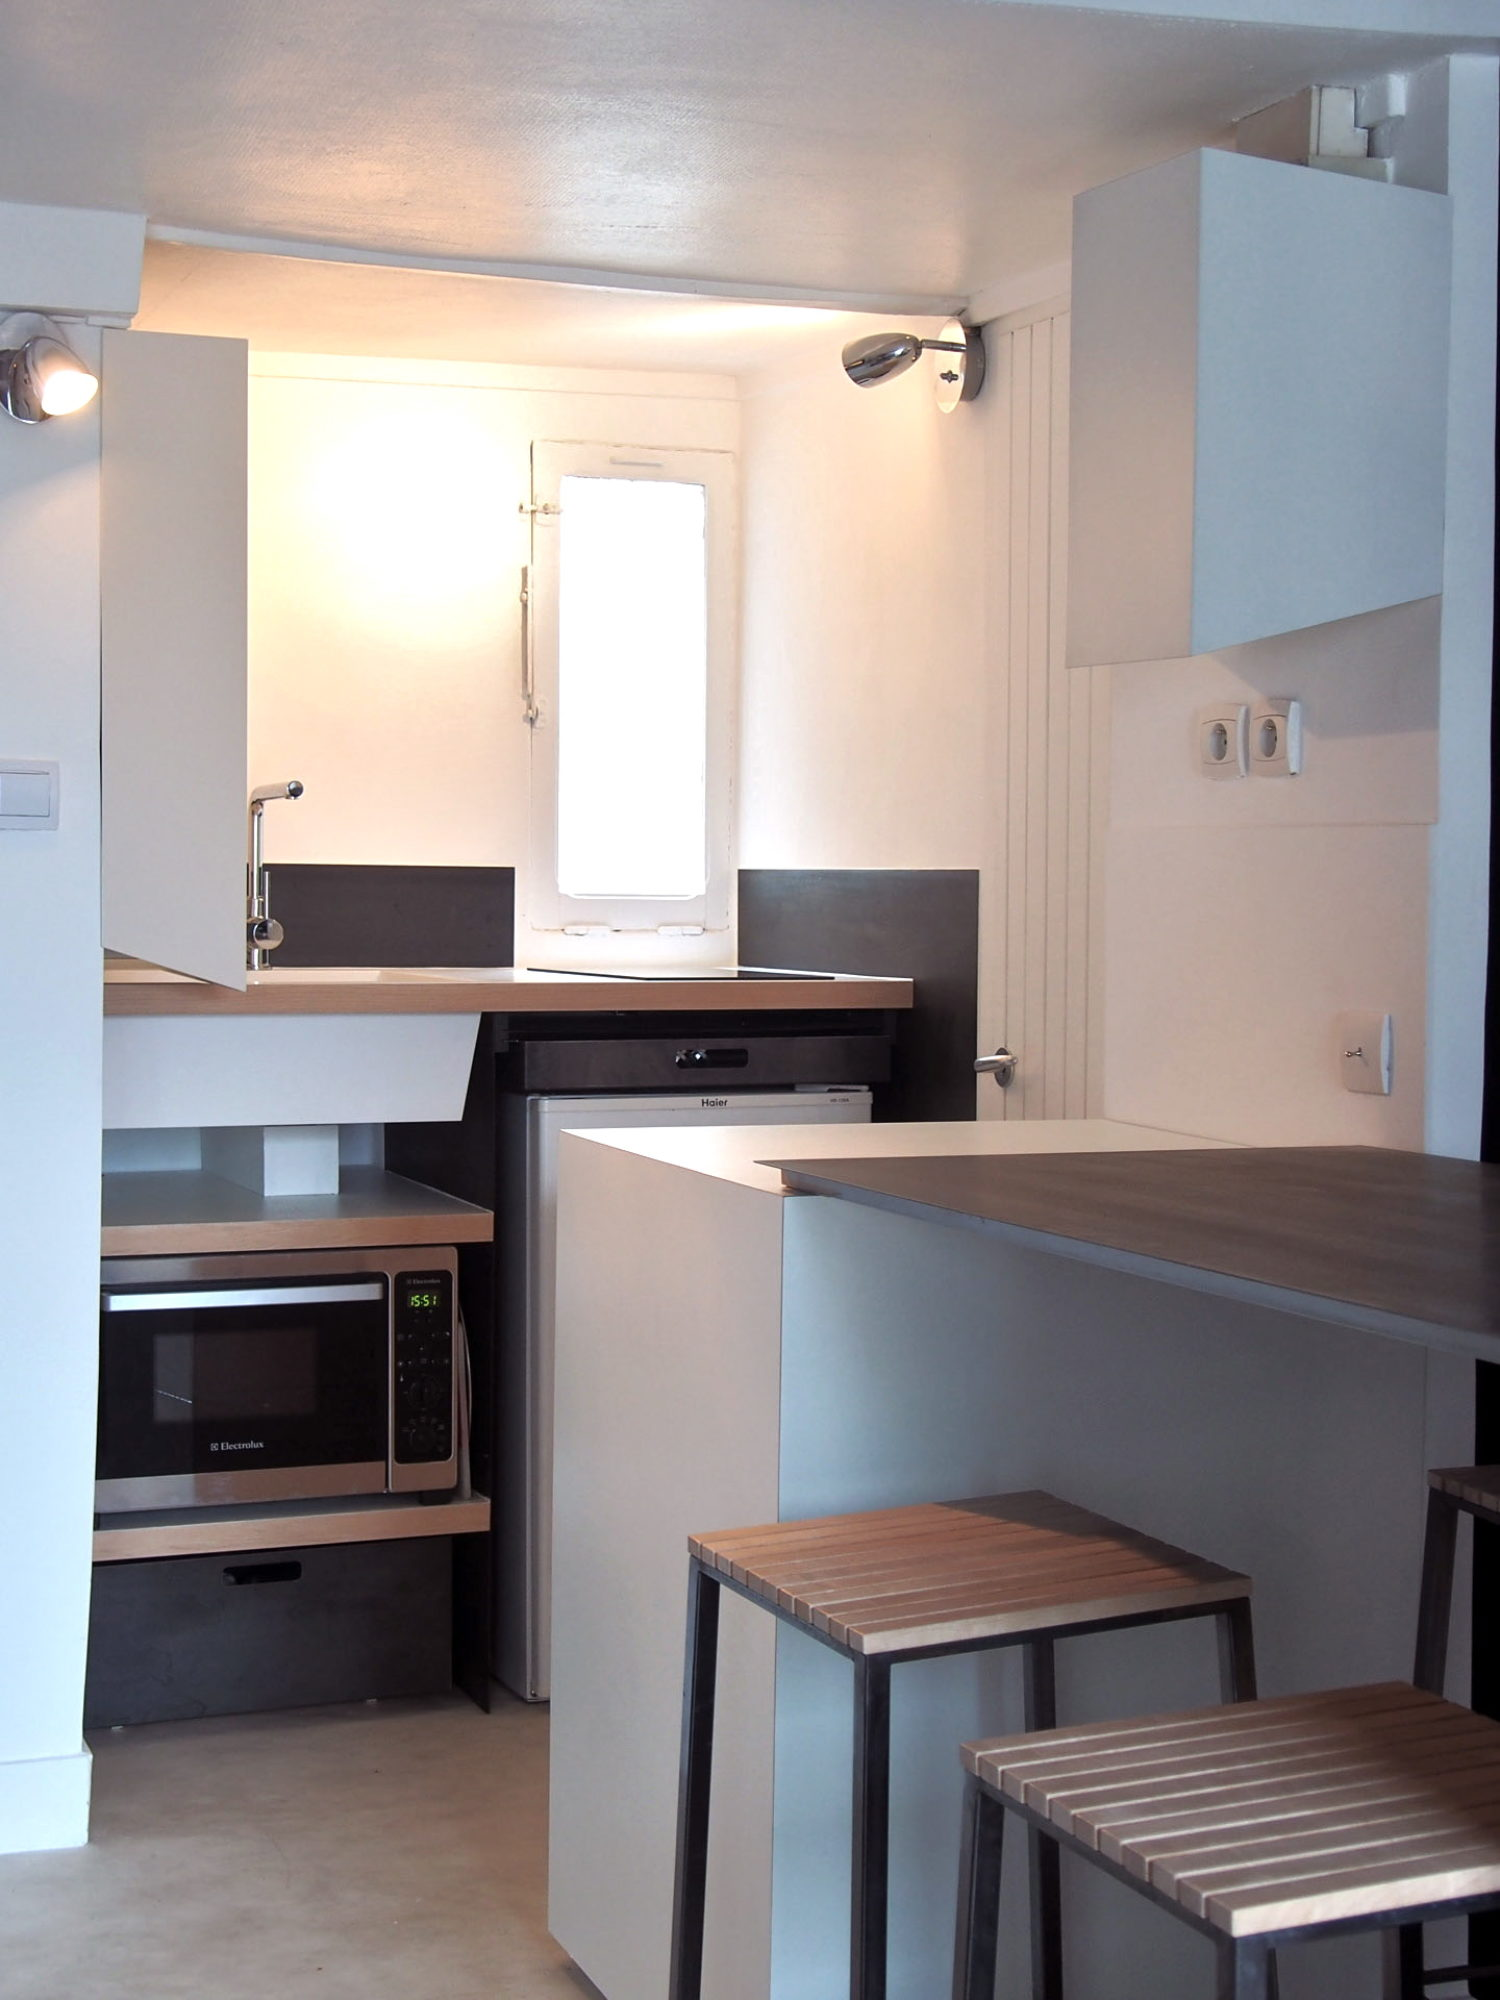 CUISINE • Studio parisien, intégrer un espace cuisine et table à manger